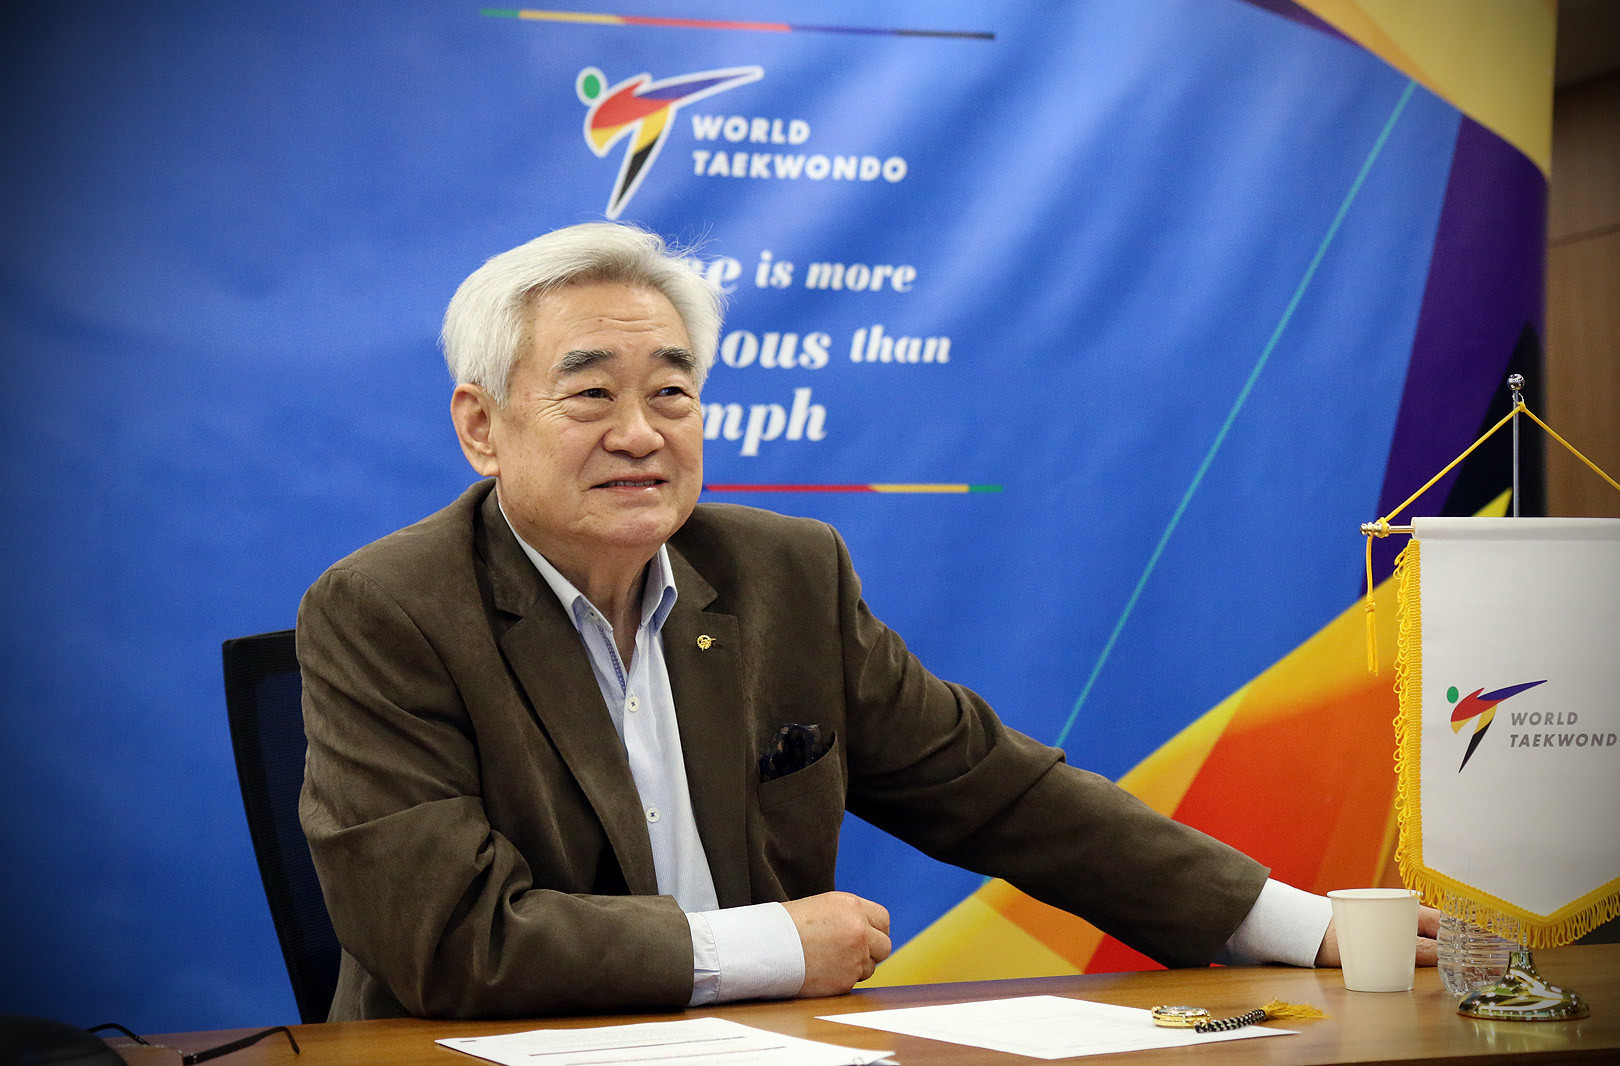 Foto: Chungwon Choue hat derzeit eine vierte Amtszeit als World Taekwondo President © World Taekwondo